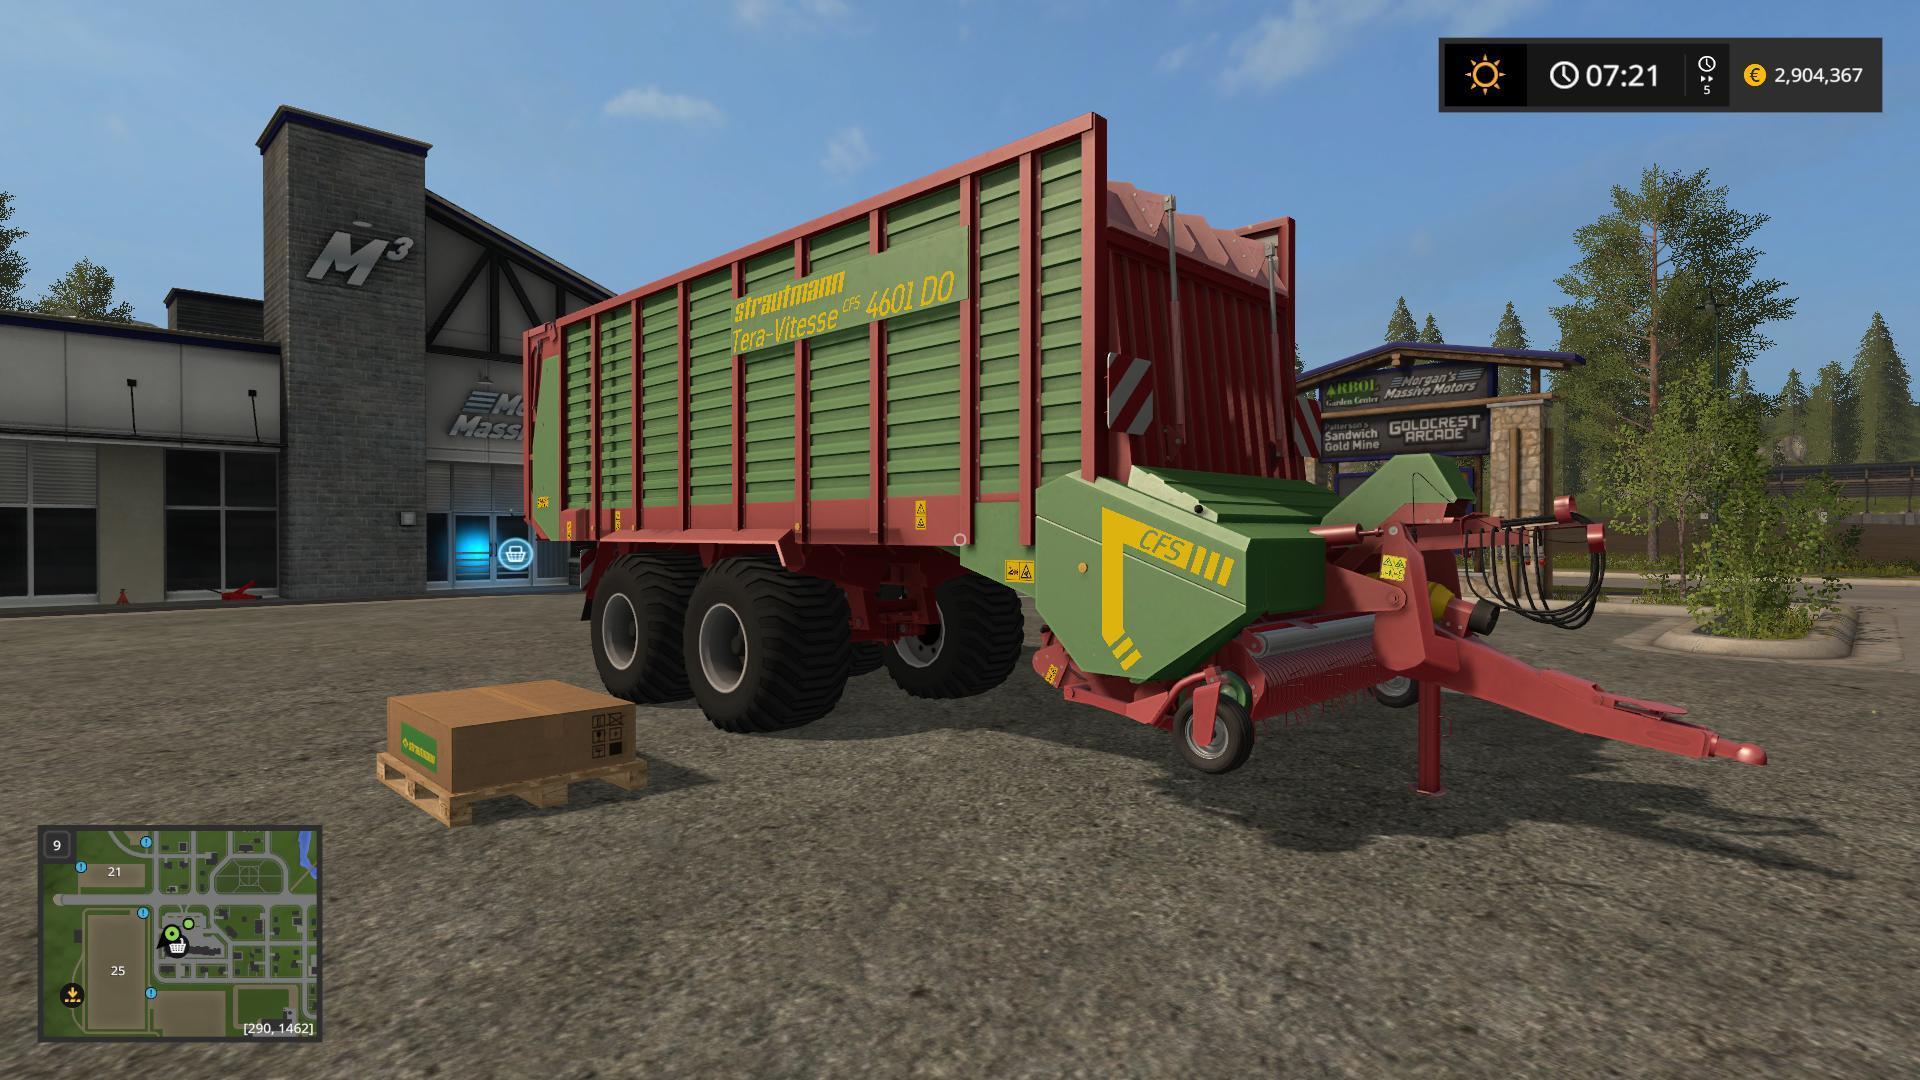 STRAUTMANN TERA VITESSE 4601 V2 0 0 FS17 - Farming simulator